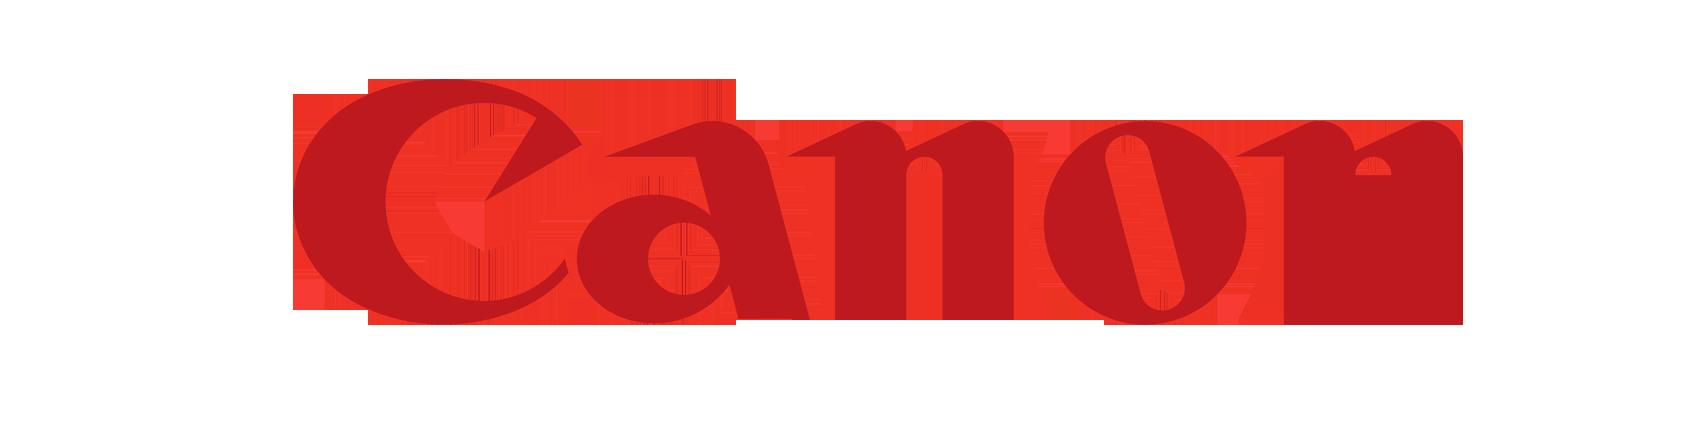 CANON Logo Catts Camera